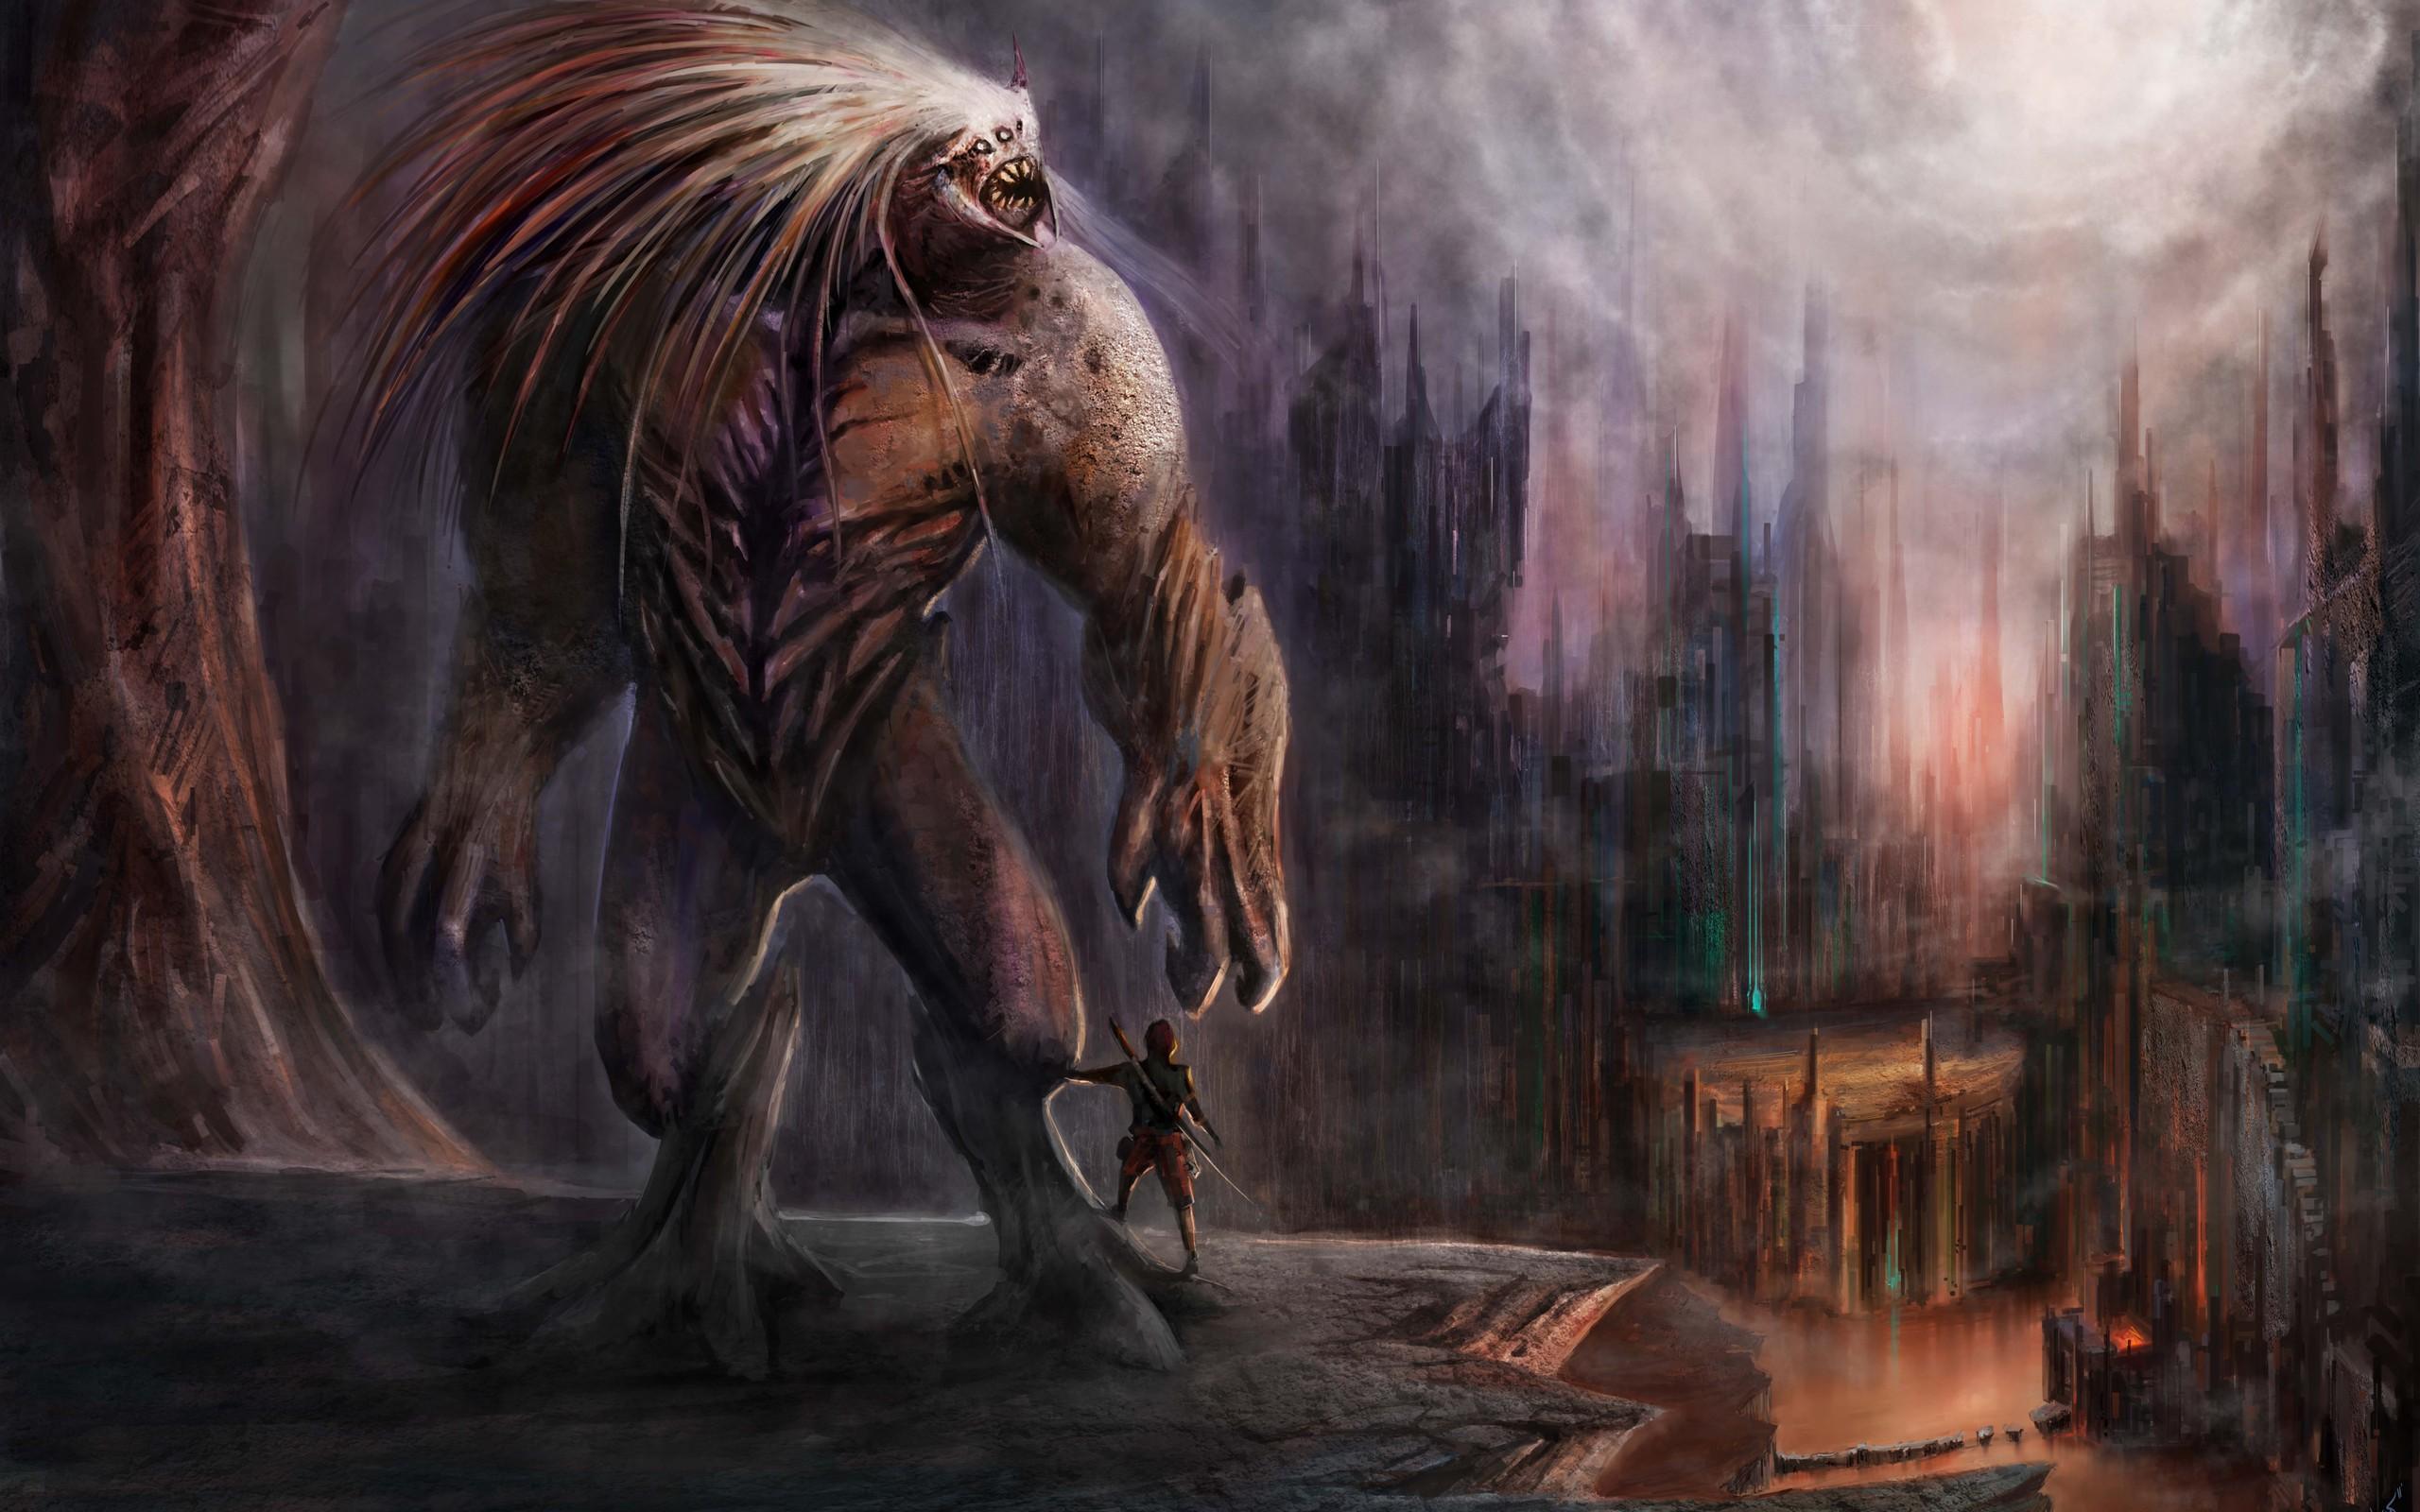 Fantasy Creature 2560x1600